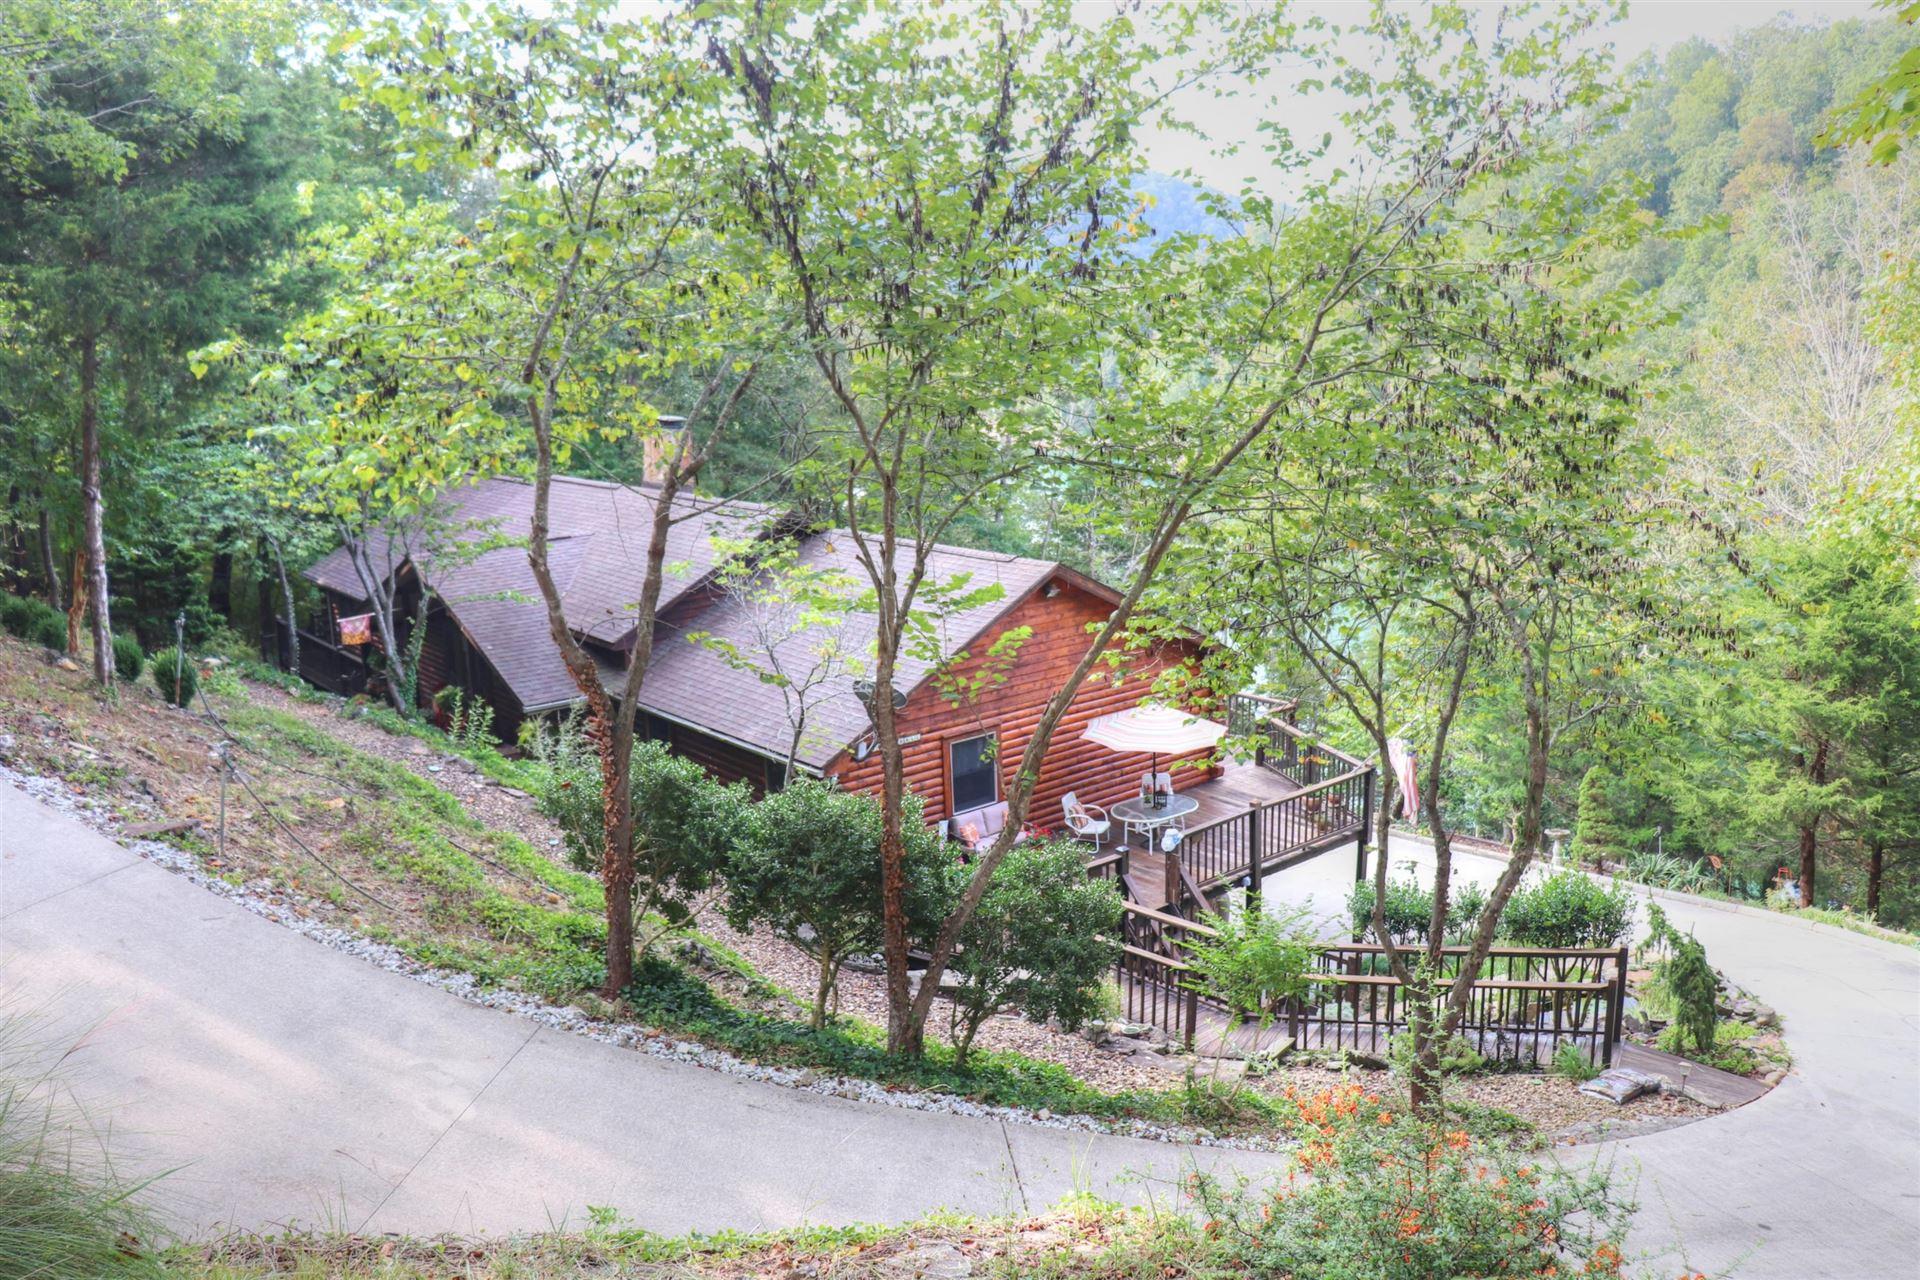 Photo for 685 Fox Lake Lane, LaFollette, TN 37766 (MLS # 1130015)